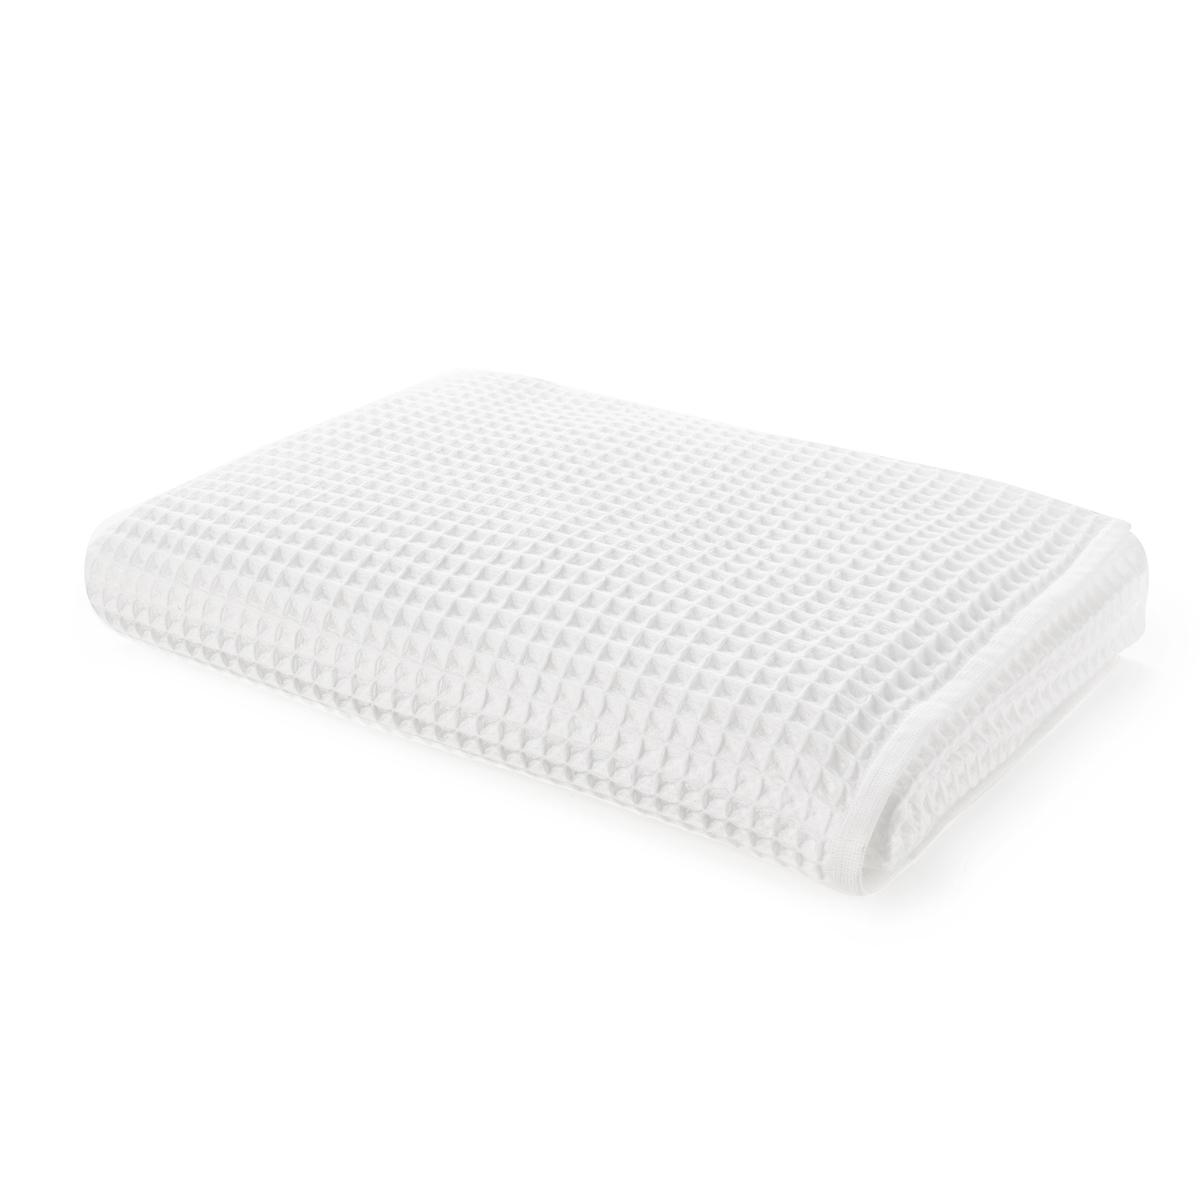 Полотенце банное из вафельной ткани SC?NARIOОписание:Плотное переплетение нитей для 3D-эффекта, невероятно мягкое на ощупь банное полотенце актуальных расцветок. Сделано в ПортугалииХарактеристики банного полотенца из вафельной ткани Sc?nario :Вафельная ткань, 100% хлопок, 300 г/м2 : нежная и легкая, высокая впитывающая способность, быстрая сушка.Машинная стирка при 60°, машинная сушка разрешена.Размеры банного полотенца из вафельной ткани Sc?nario : 70 x 140 смОткройте для себя всю коллекцию из вафельной ткани Sc?nario на сайте laredoute.ruЗнак Oeko-Tex® гарантирует, что товары прошли проверку и были изготовлены без применения вредных для здоровья человека веществ.<br><br>Цвет: белый,желтый кукурузный,индиго,кирпичный